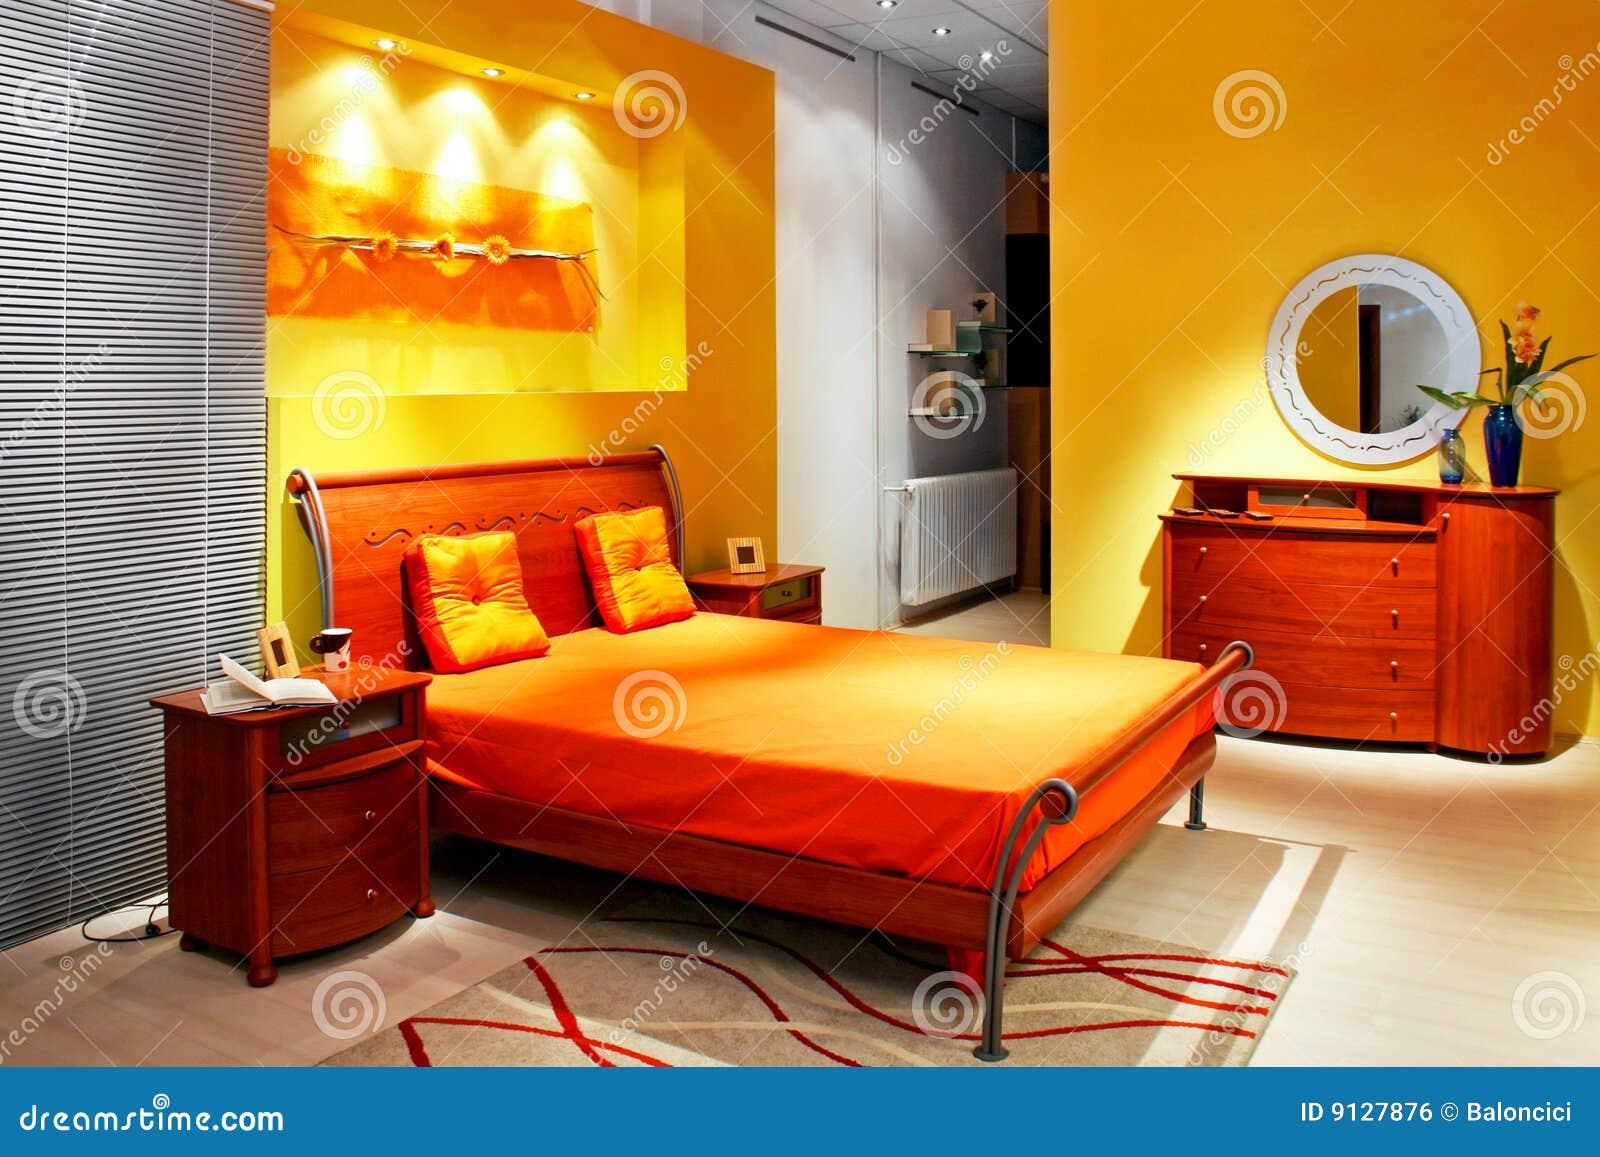 schlafzimmer orange gelb ~ ideen für die innenarchitektur ihres hauses, Schlafzimmer entwurf